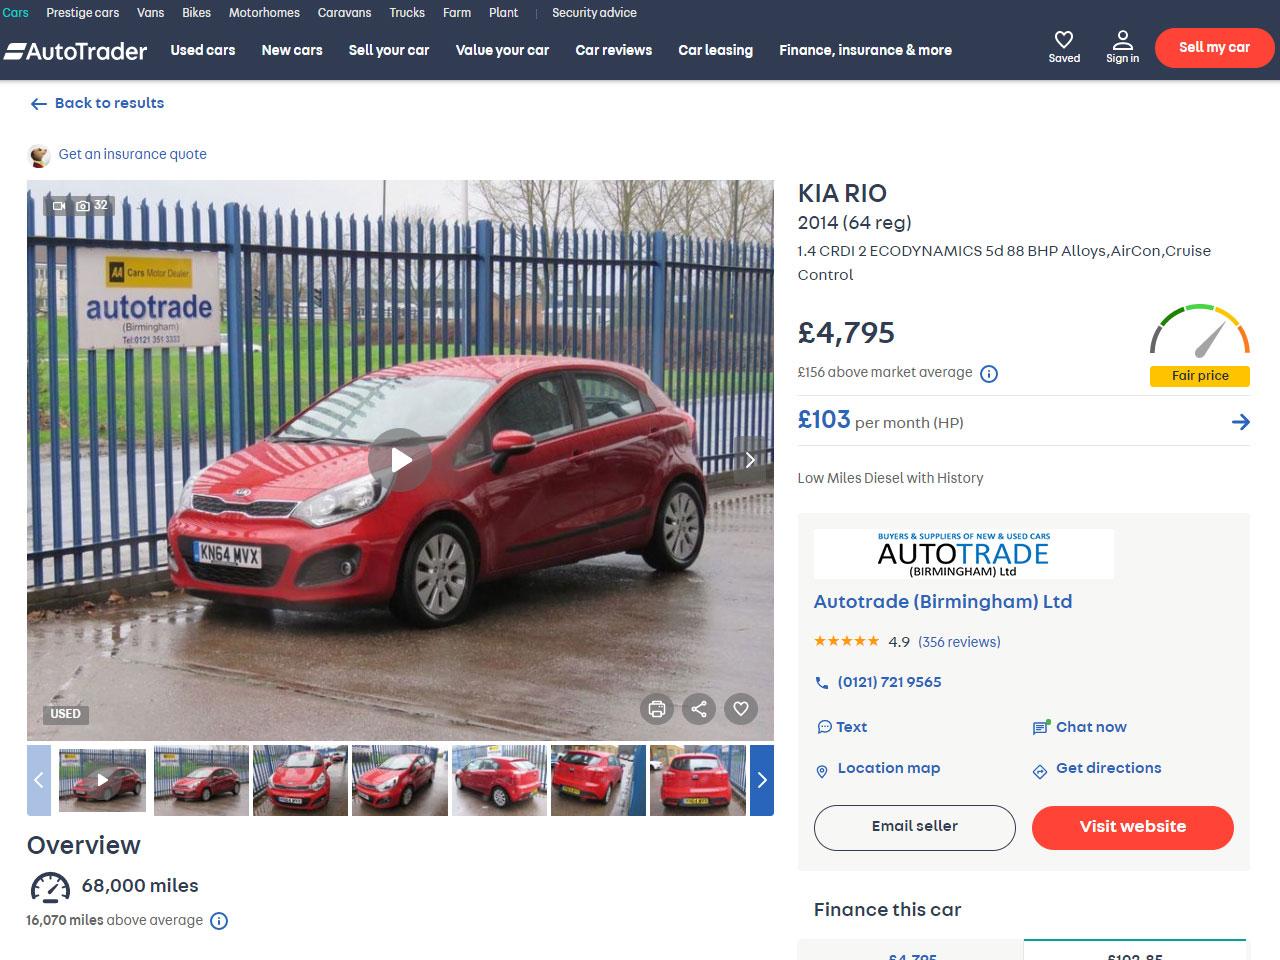 خودروهای کمتر از 100 میلیون ؛ با 100 میلیون تومان چه اتومبیل هایی می توان خرید؟